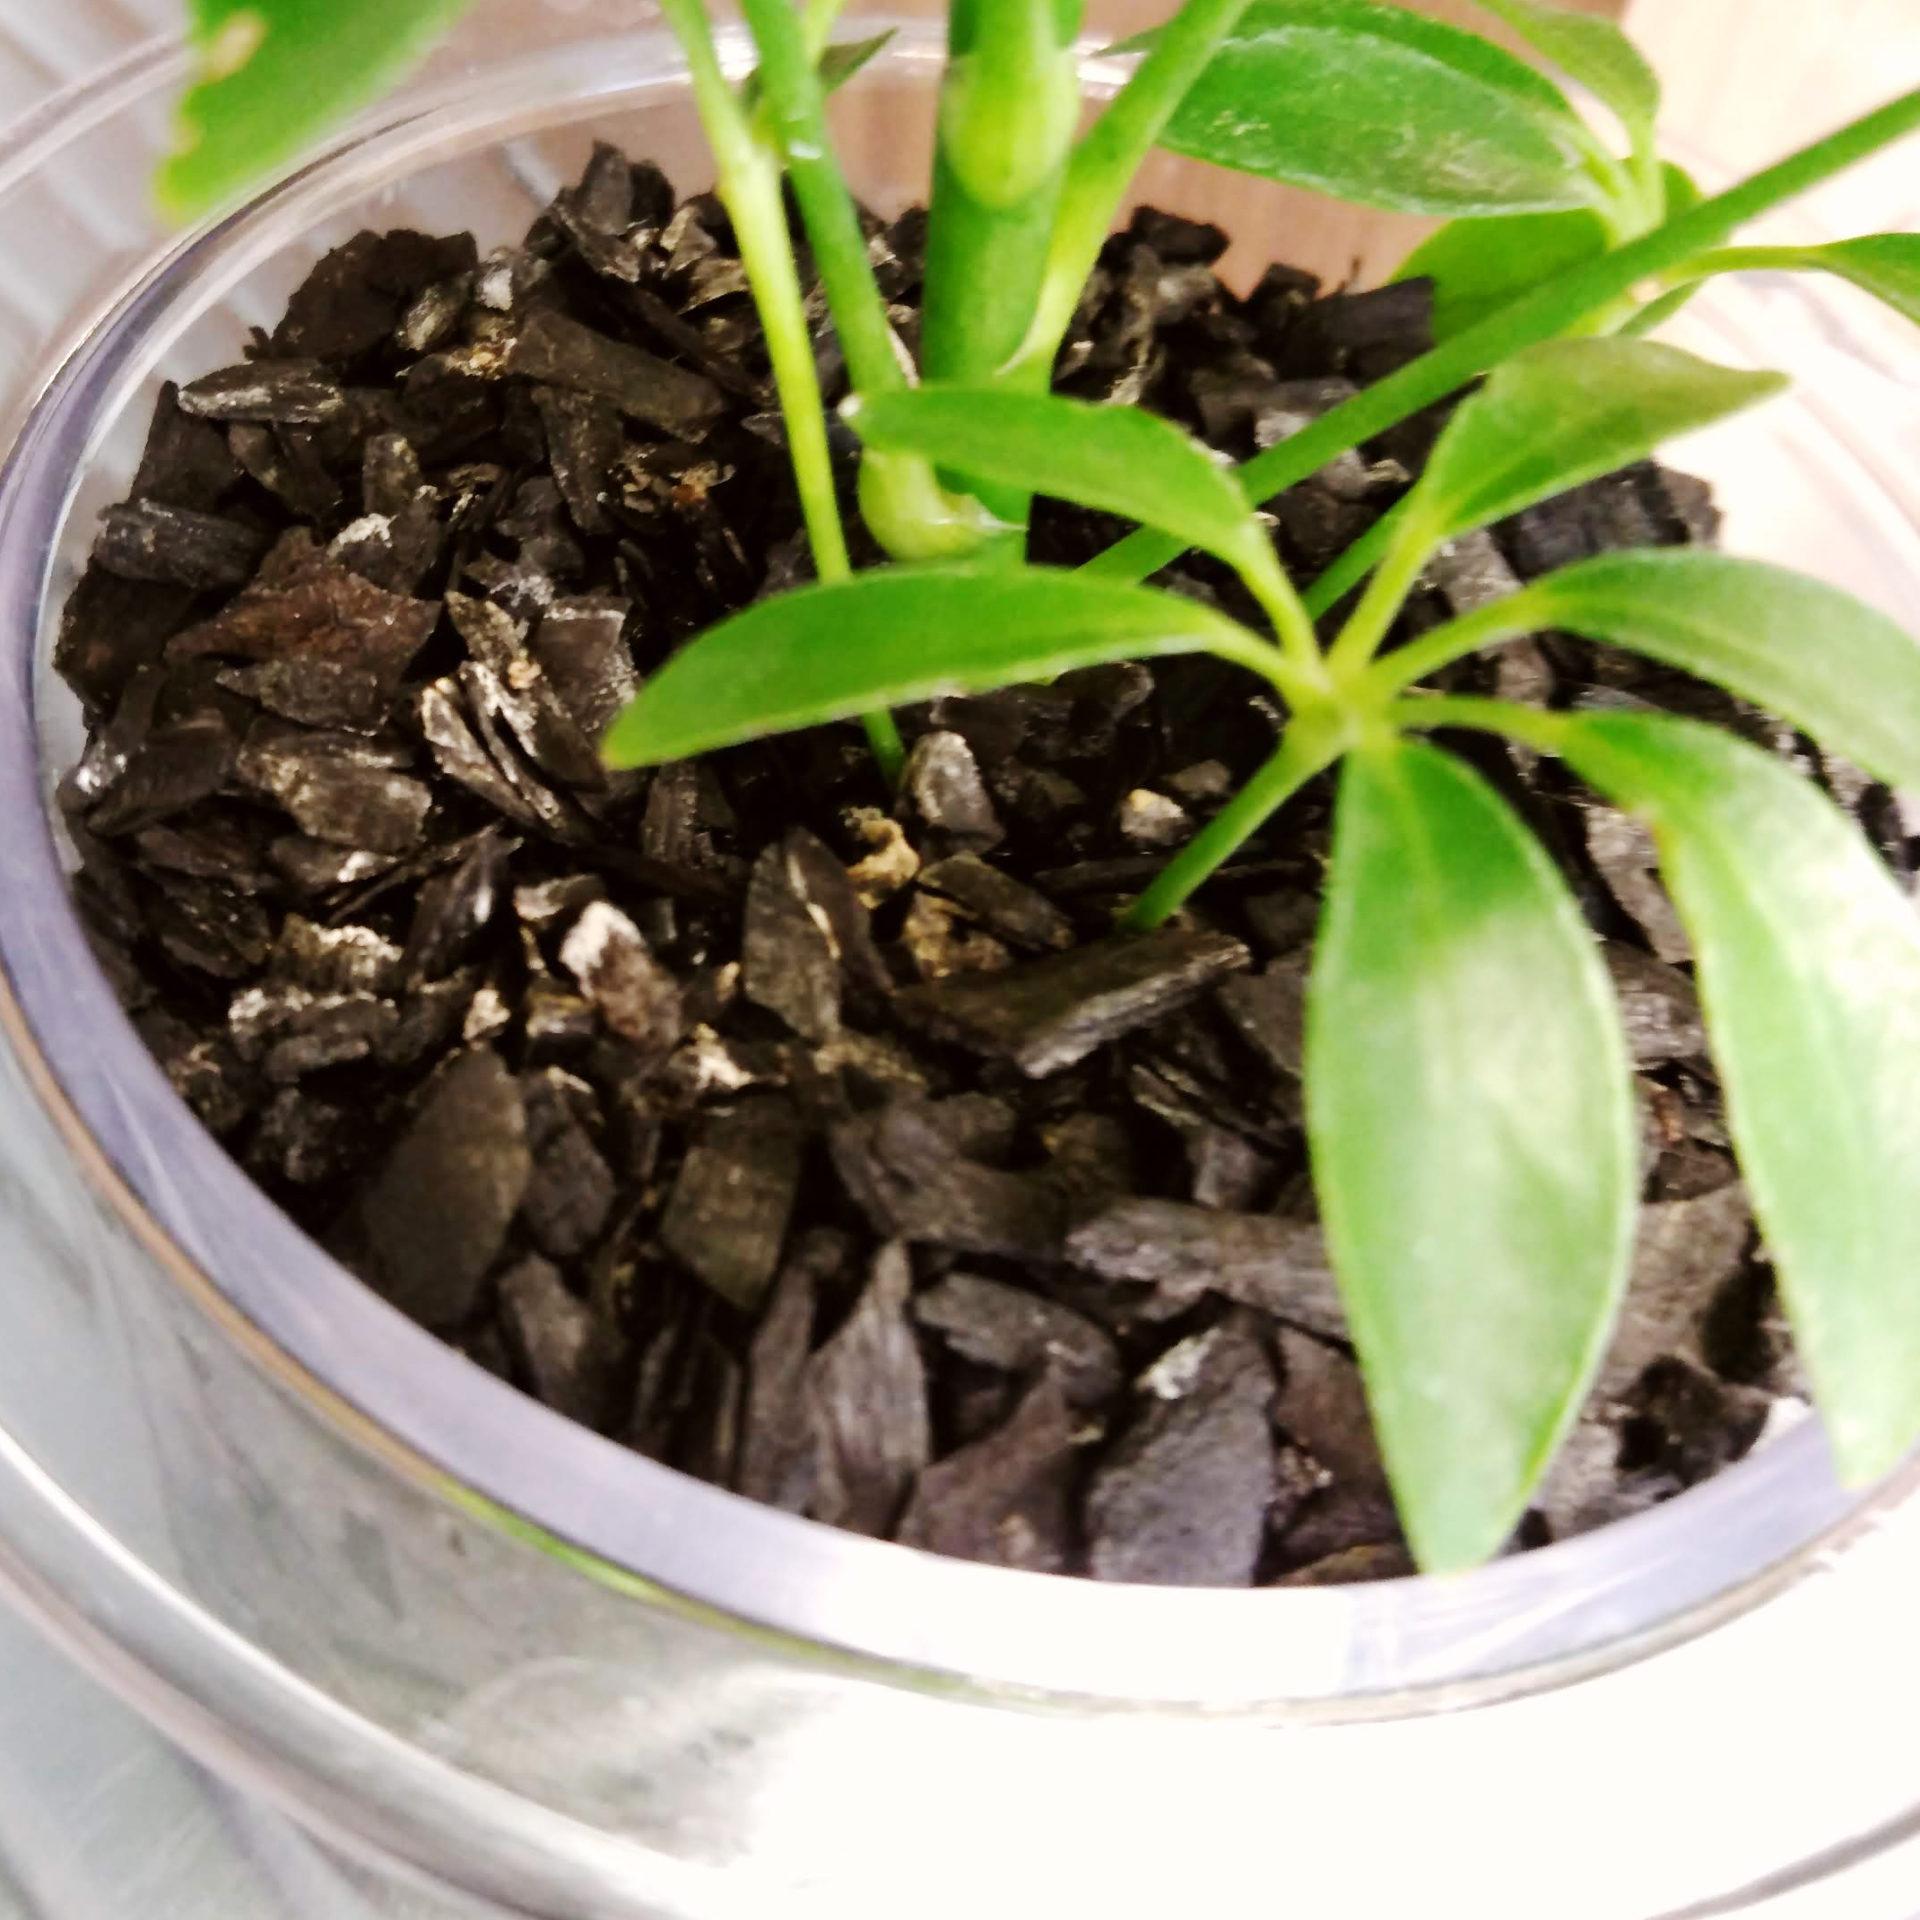 土の代わりに炭に植えられた観葉植物